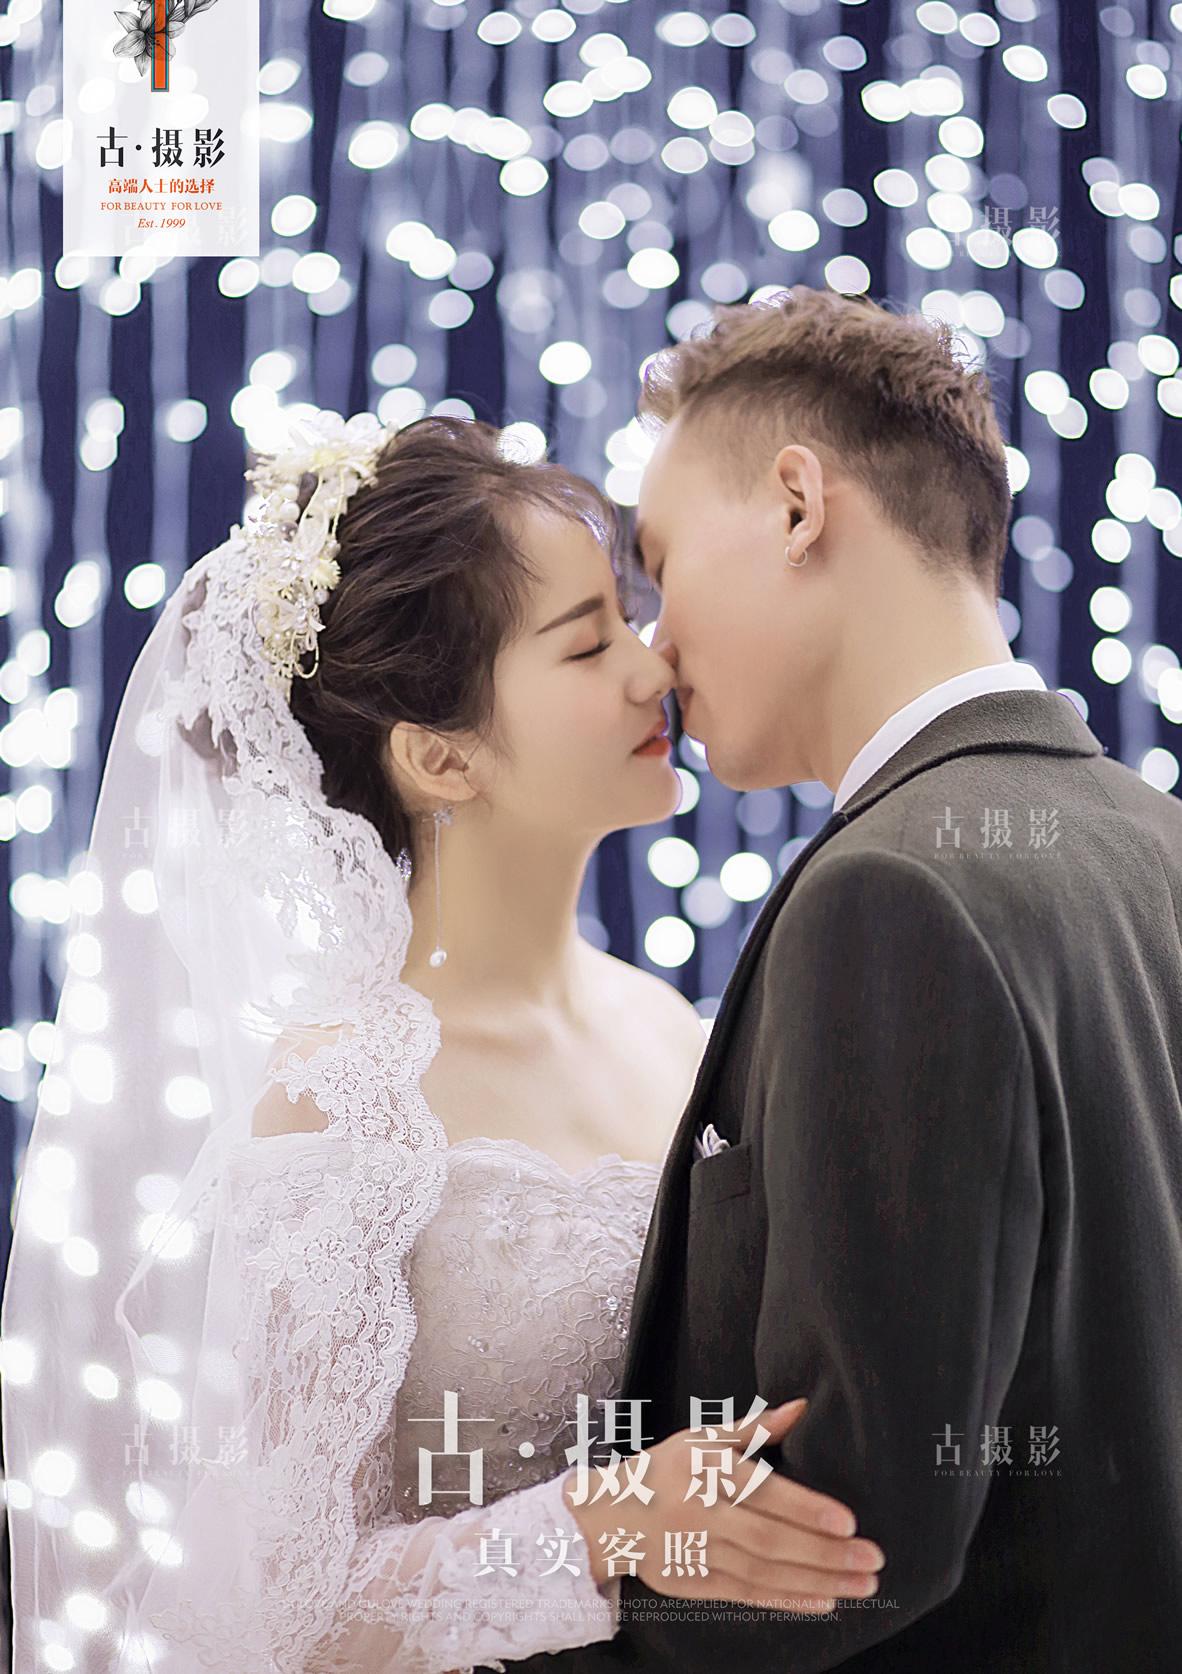 5月4日客片陈先生 李小姐 - 每日客照 - love昆明古摄影-昆明婚纱摄影网